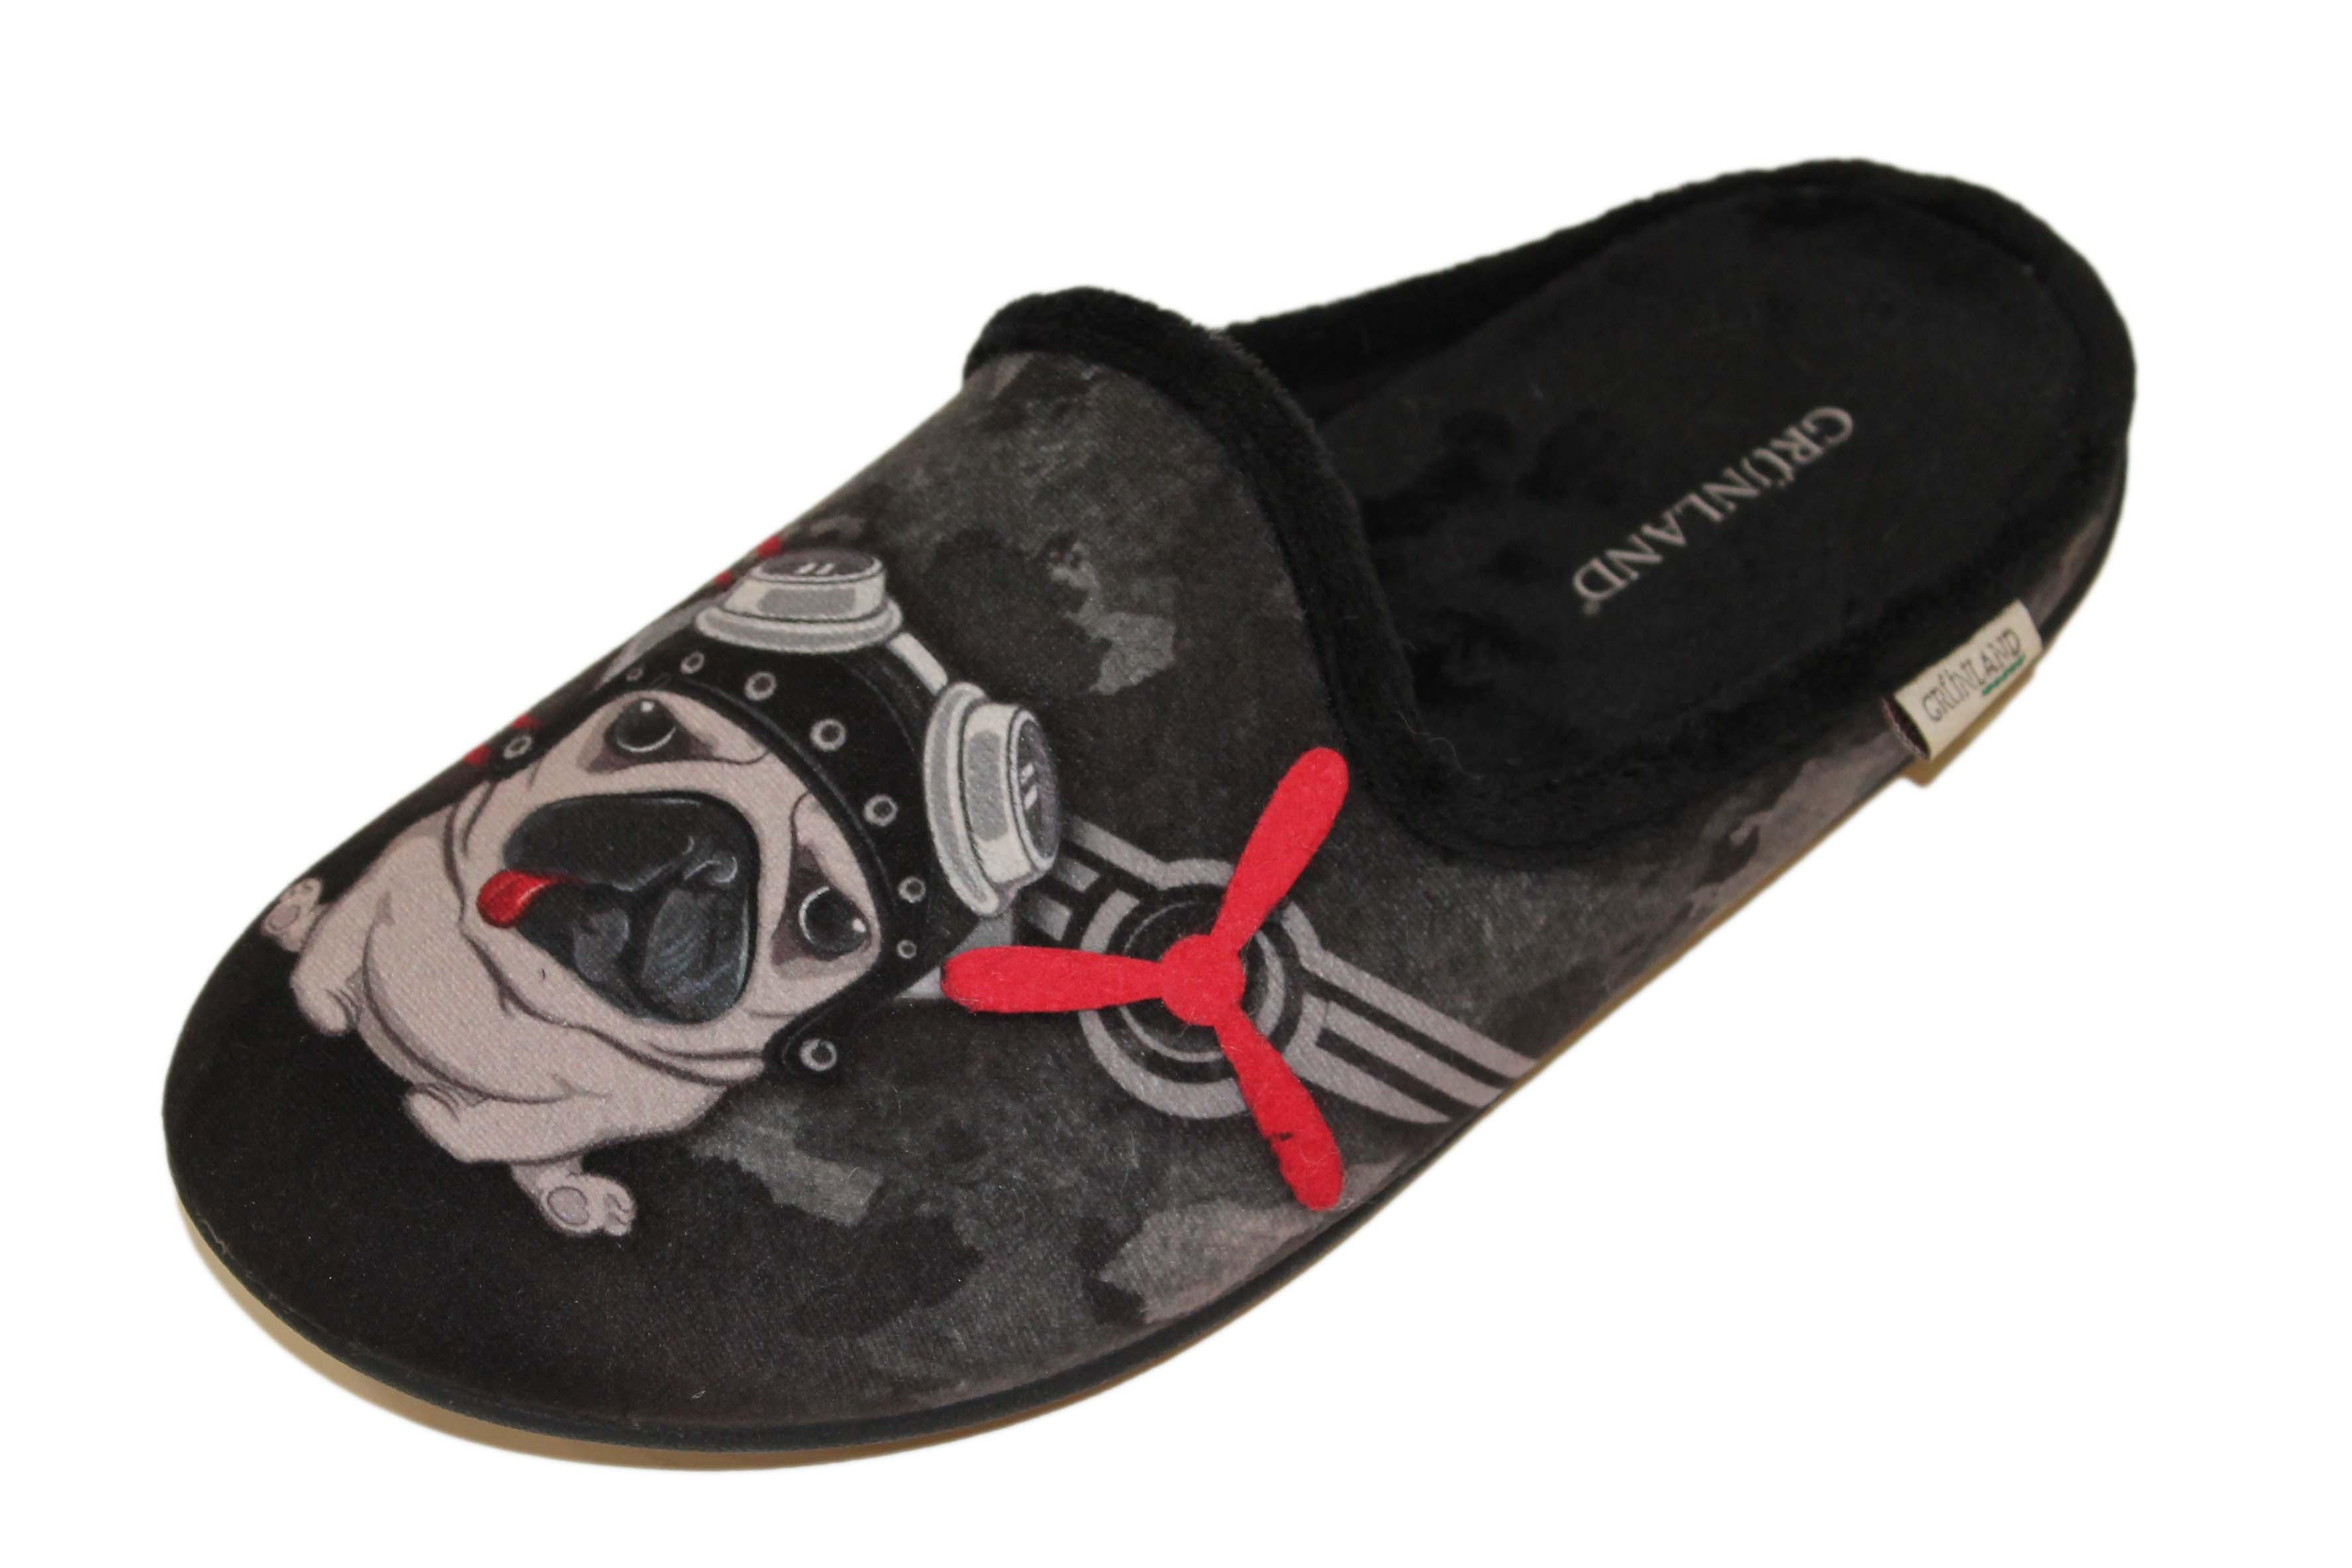 GRUNLAND LECY 1410 NERO CIABATTA UOMO BULLDOG – Parmigiani Calzature 04a3e08c91e